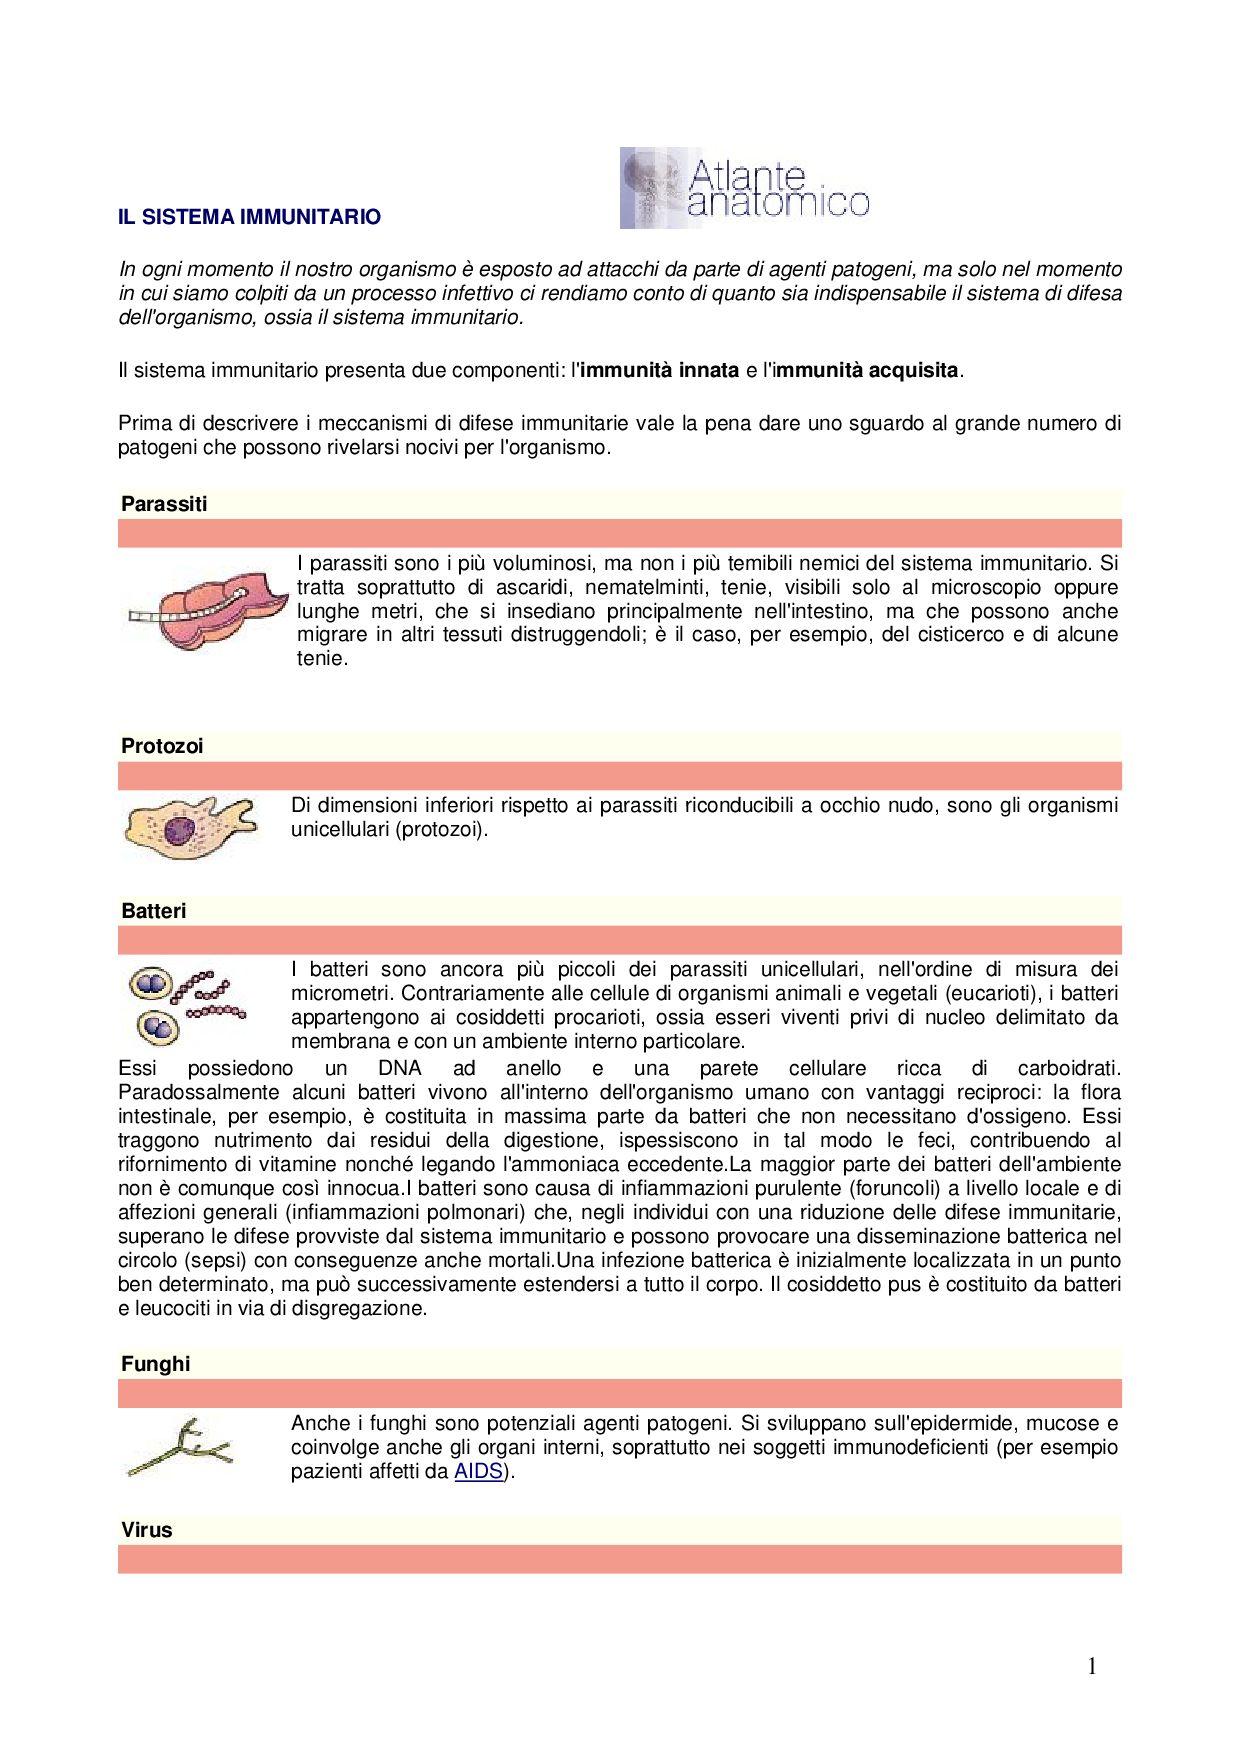 quale dei seguenti parassiti infetta il sistema linfatico